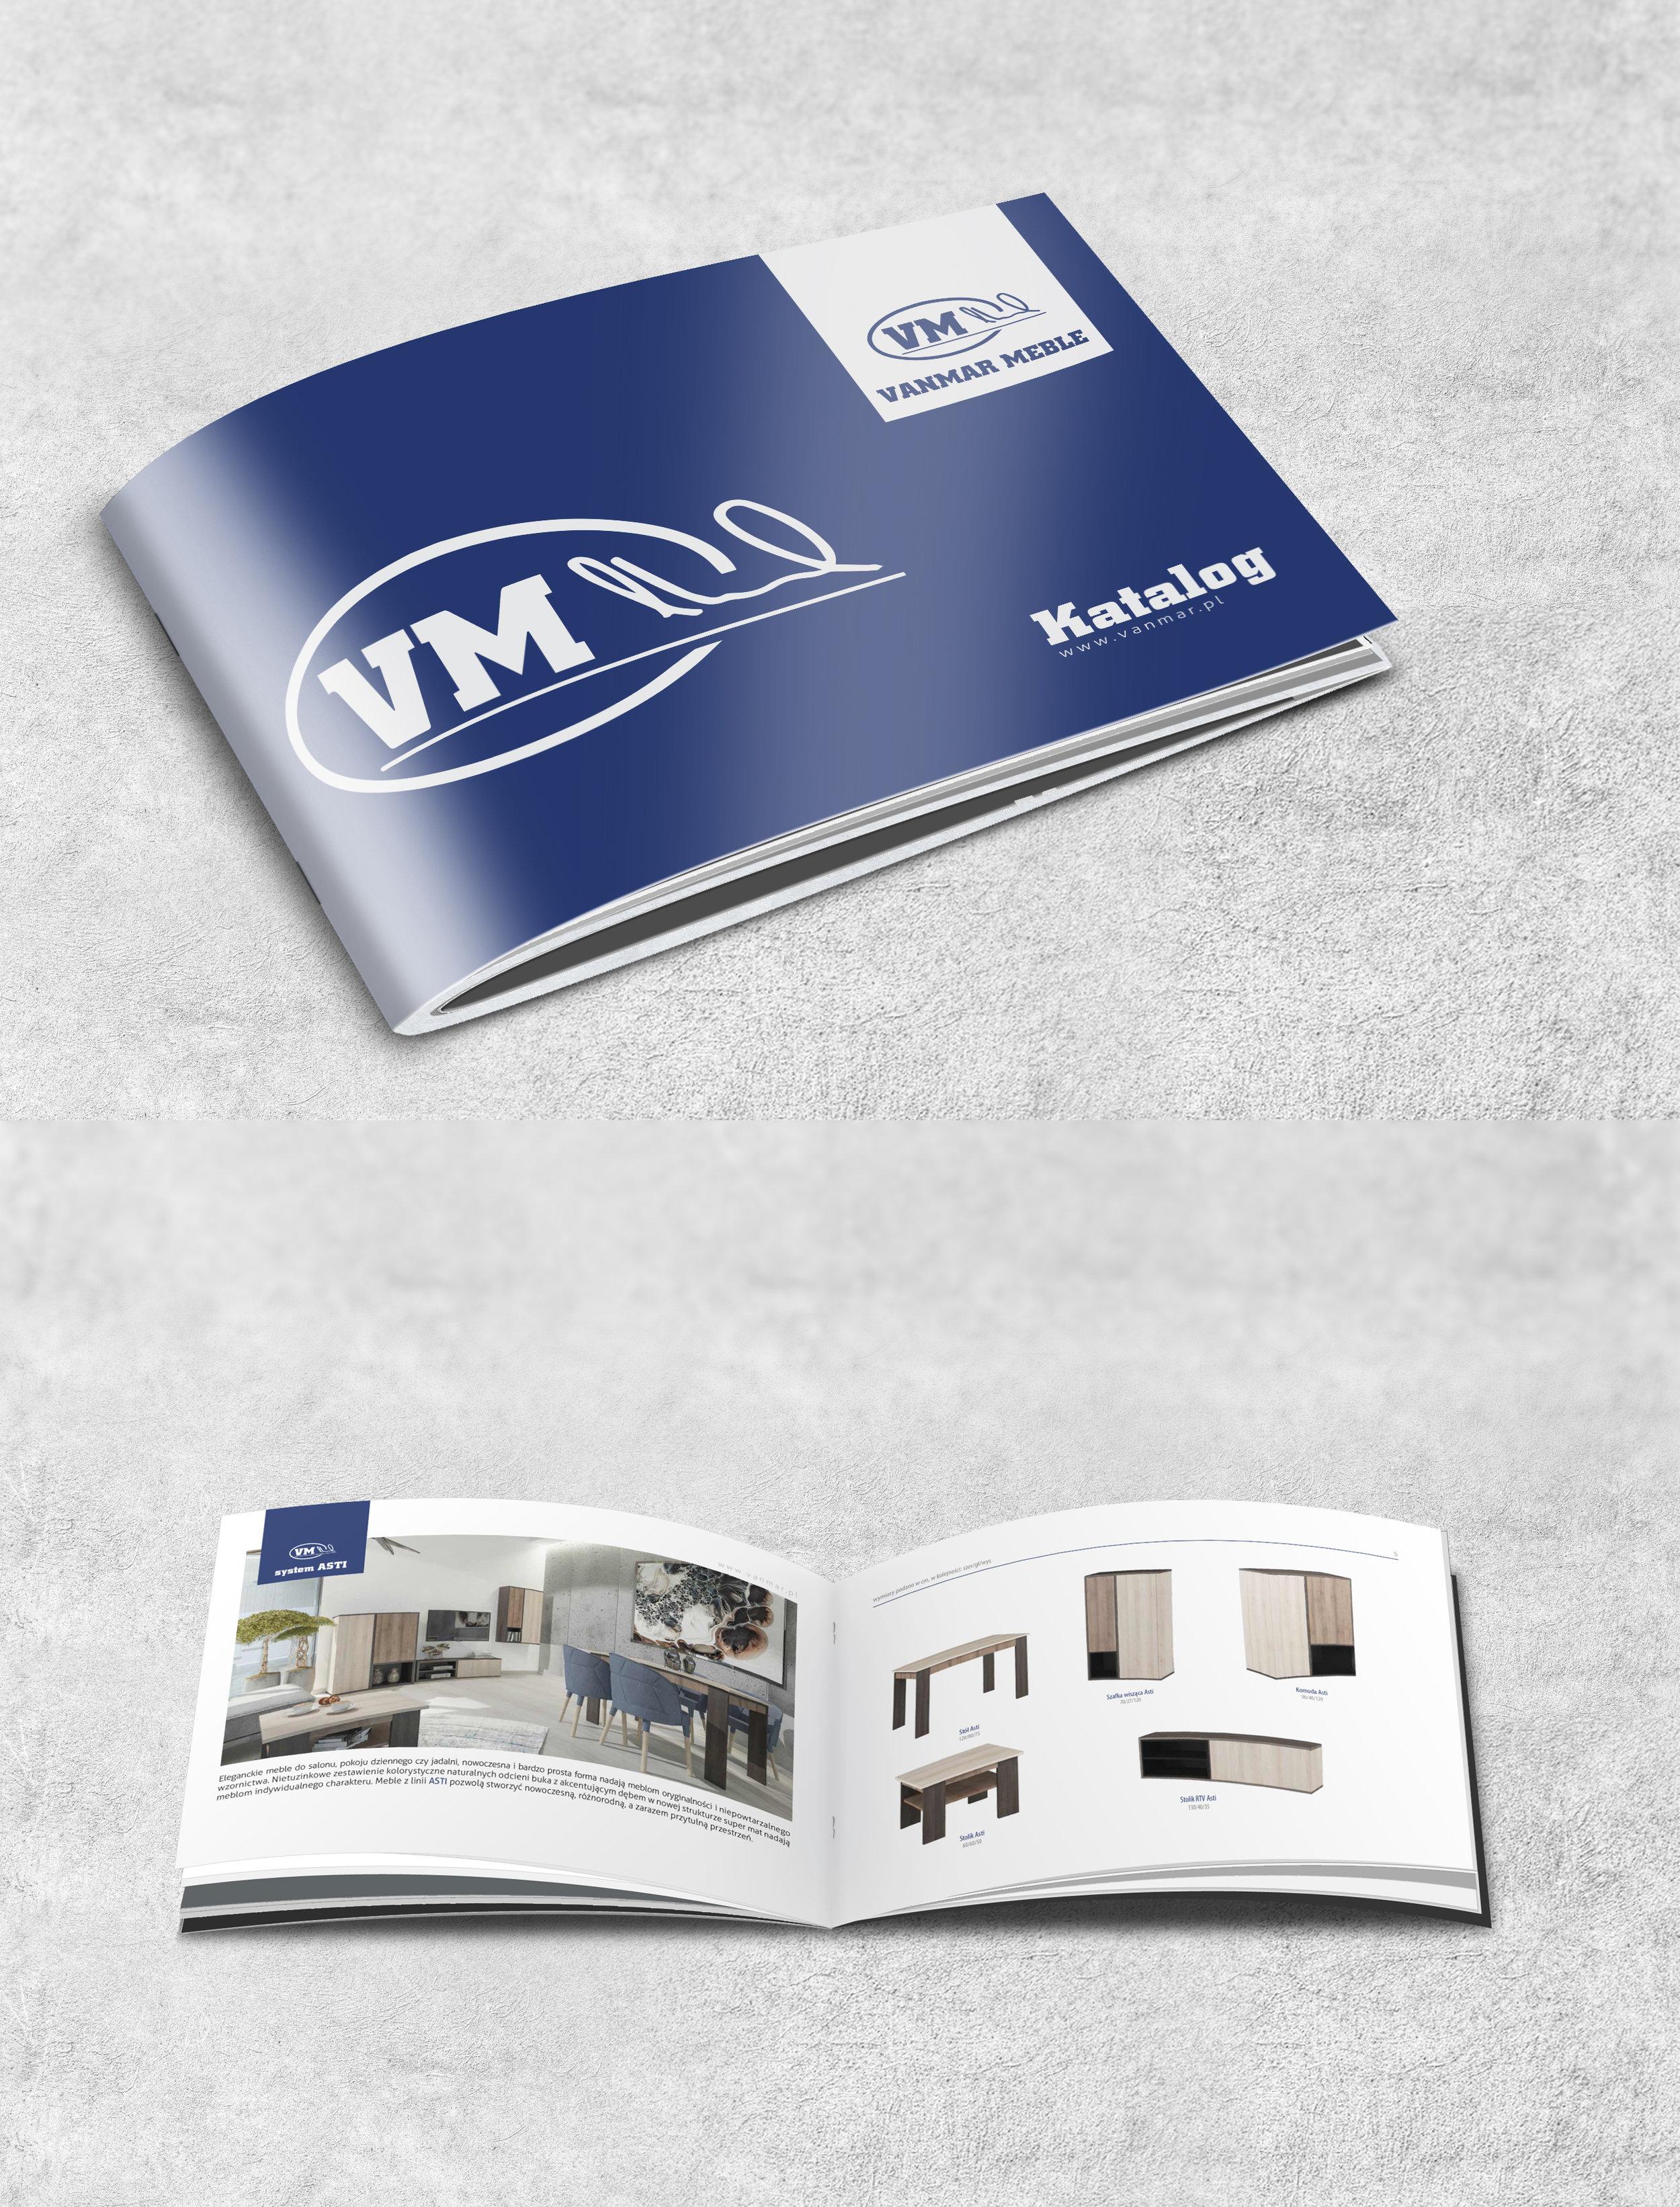 Przygotowanie graficzne + druk katalogów A4. Orientacja pozioma. Papier kredowy, okładka foliowana folia matową + lakier uv